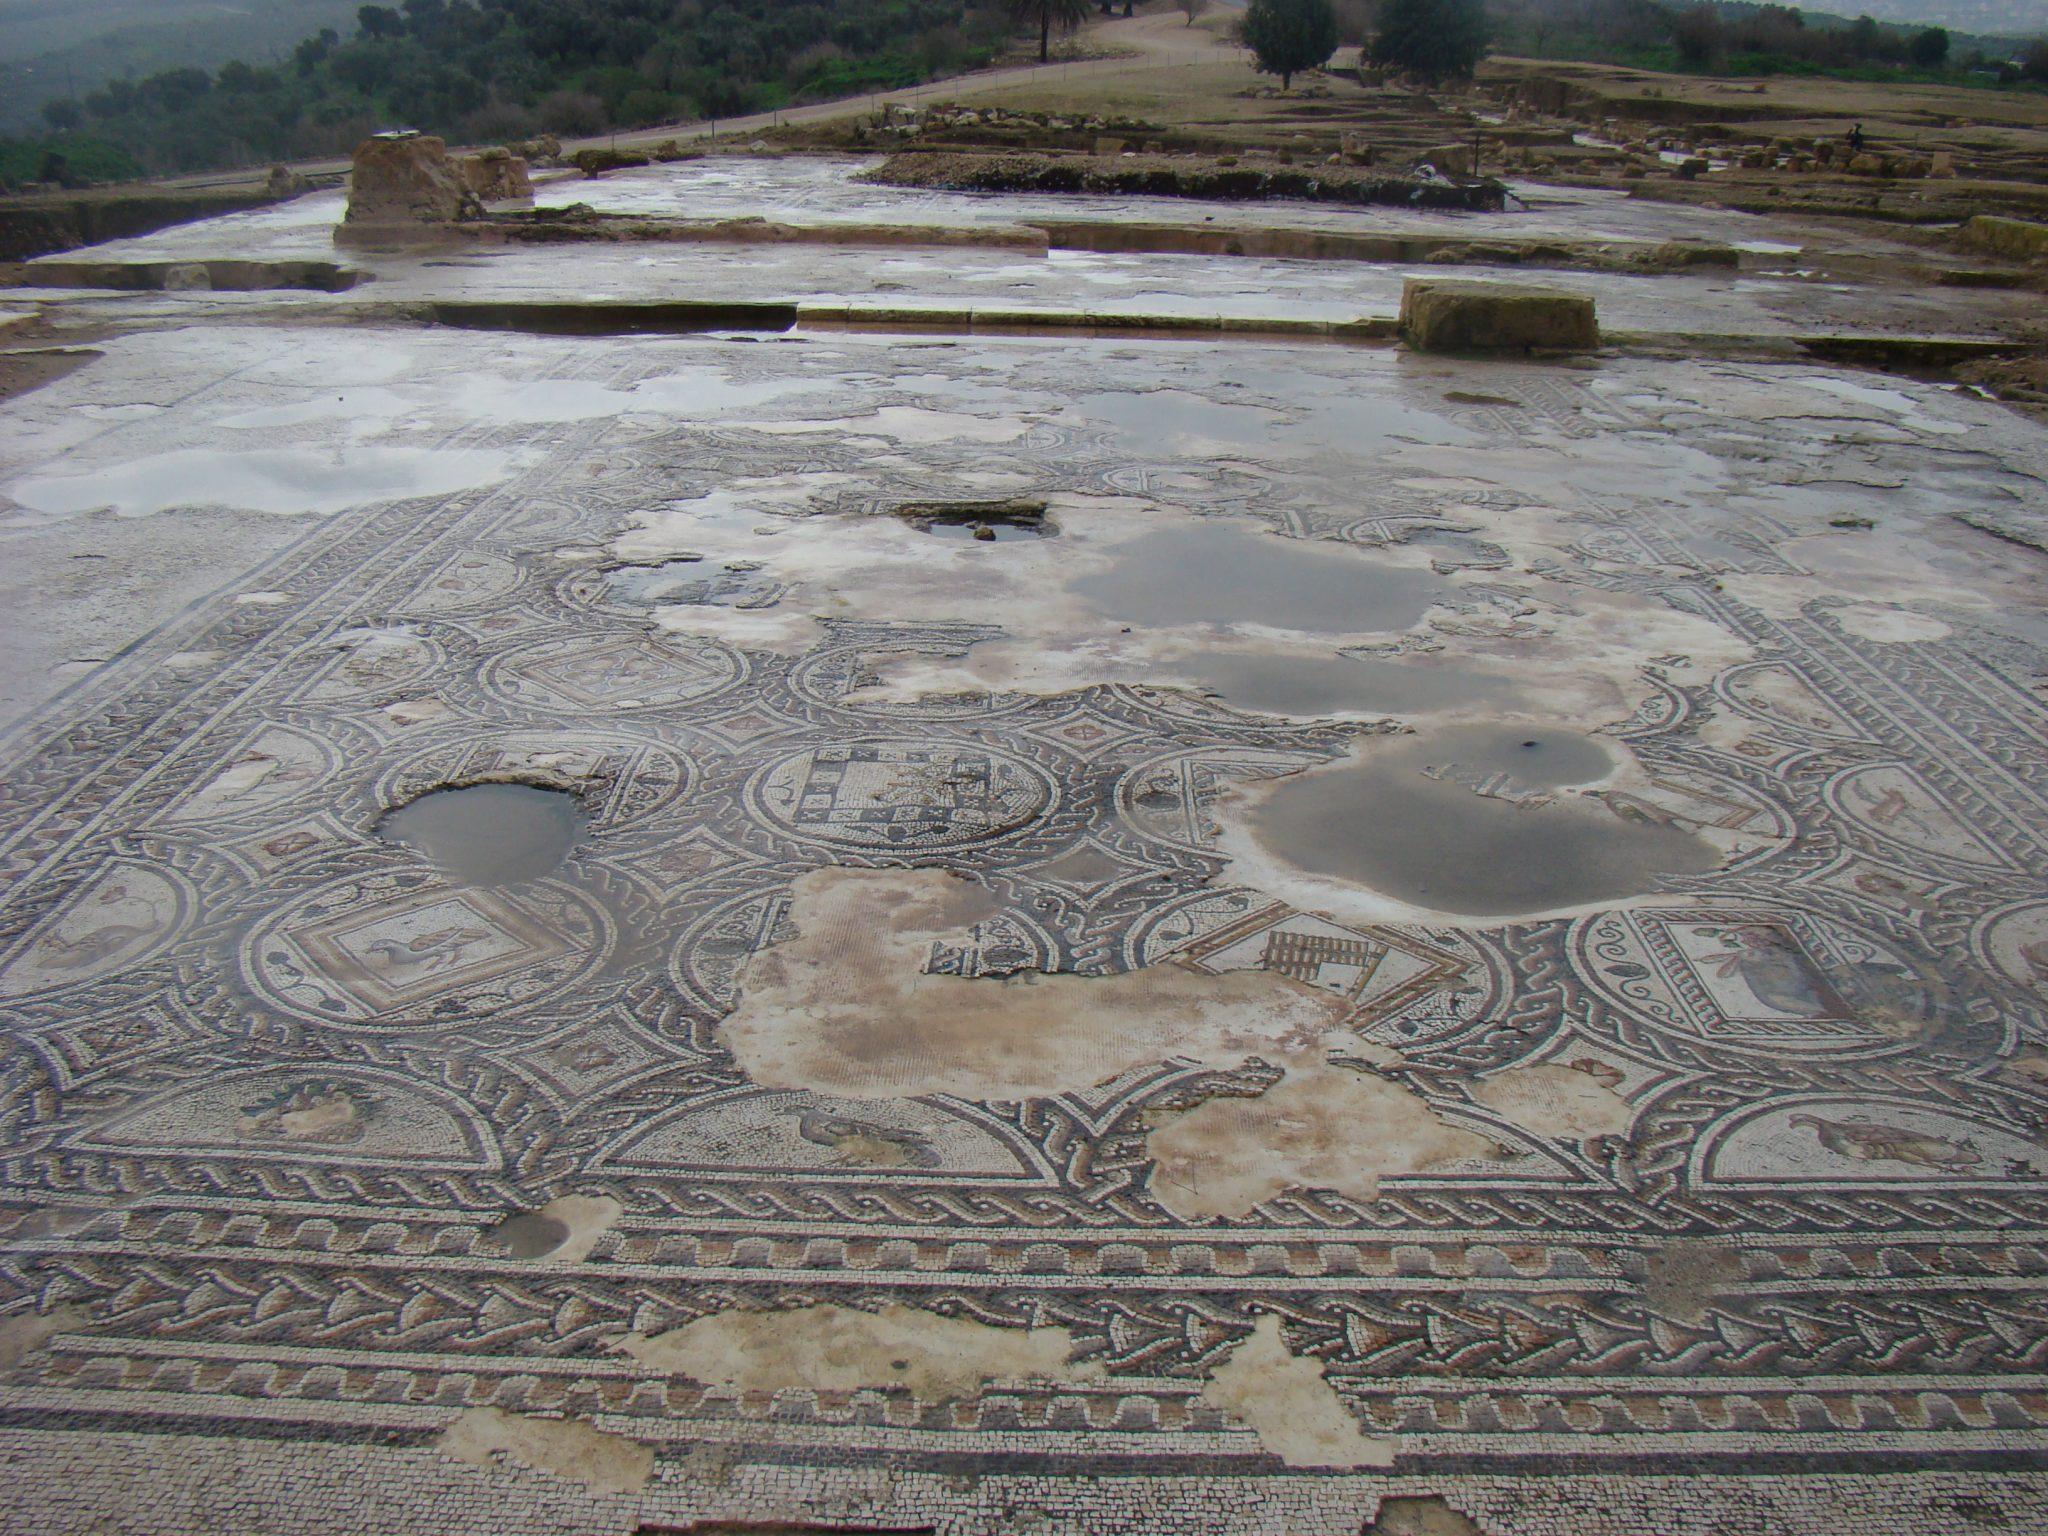 """פסיפס במבנה ציבורי בקארדו, בגן לאומי ציפורי (צילום: ד""""ר ענת אביטל)"""